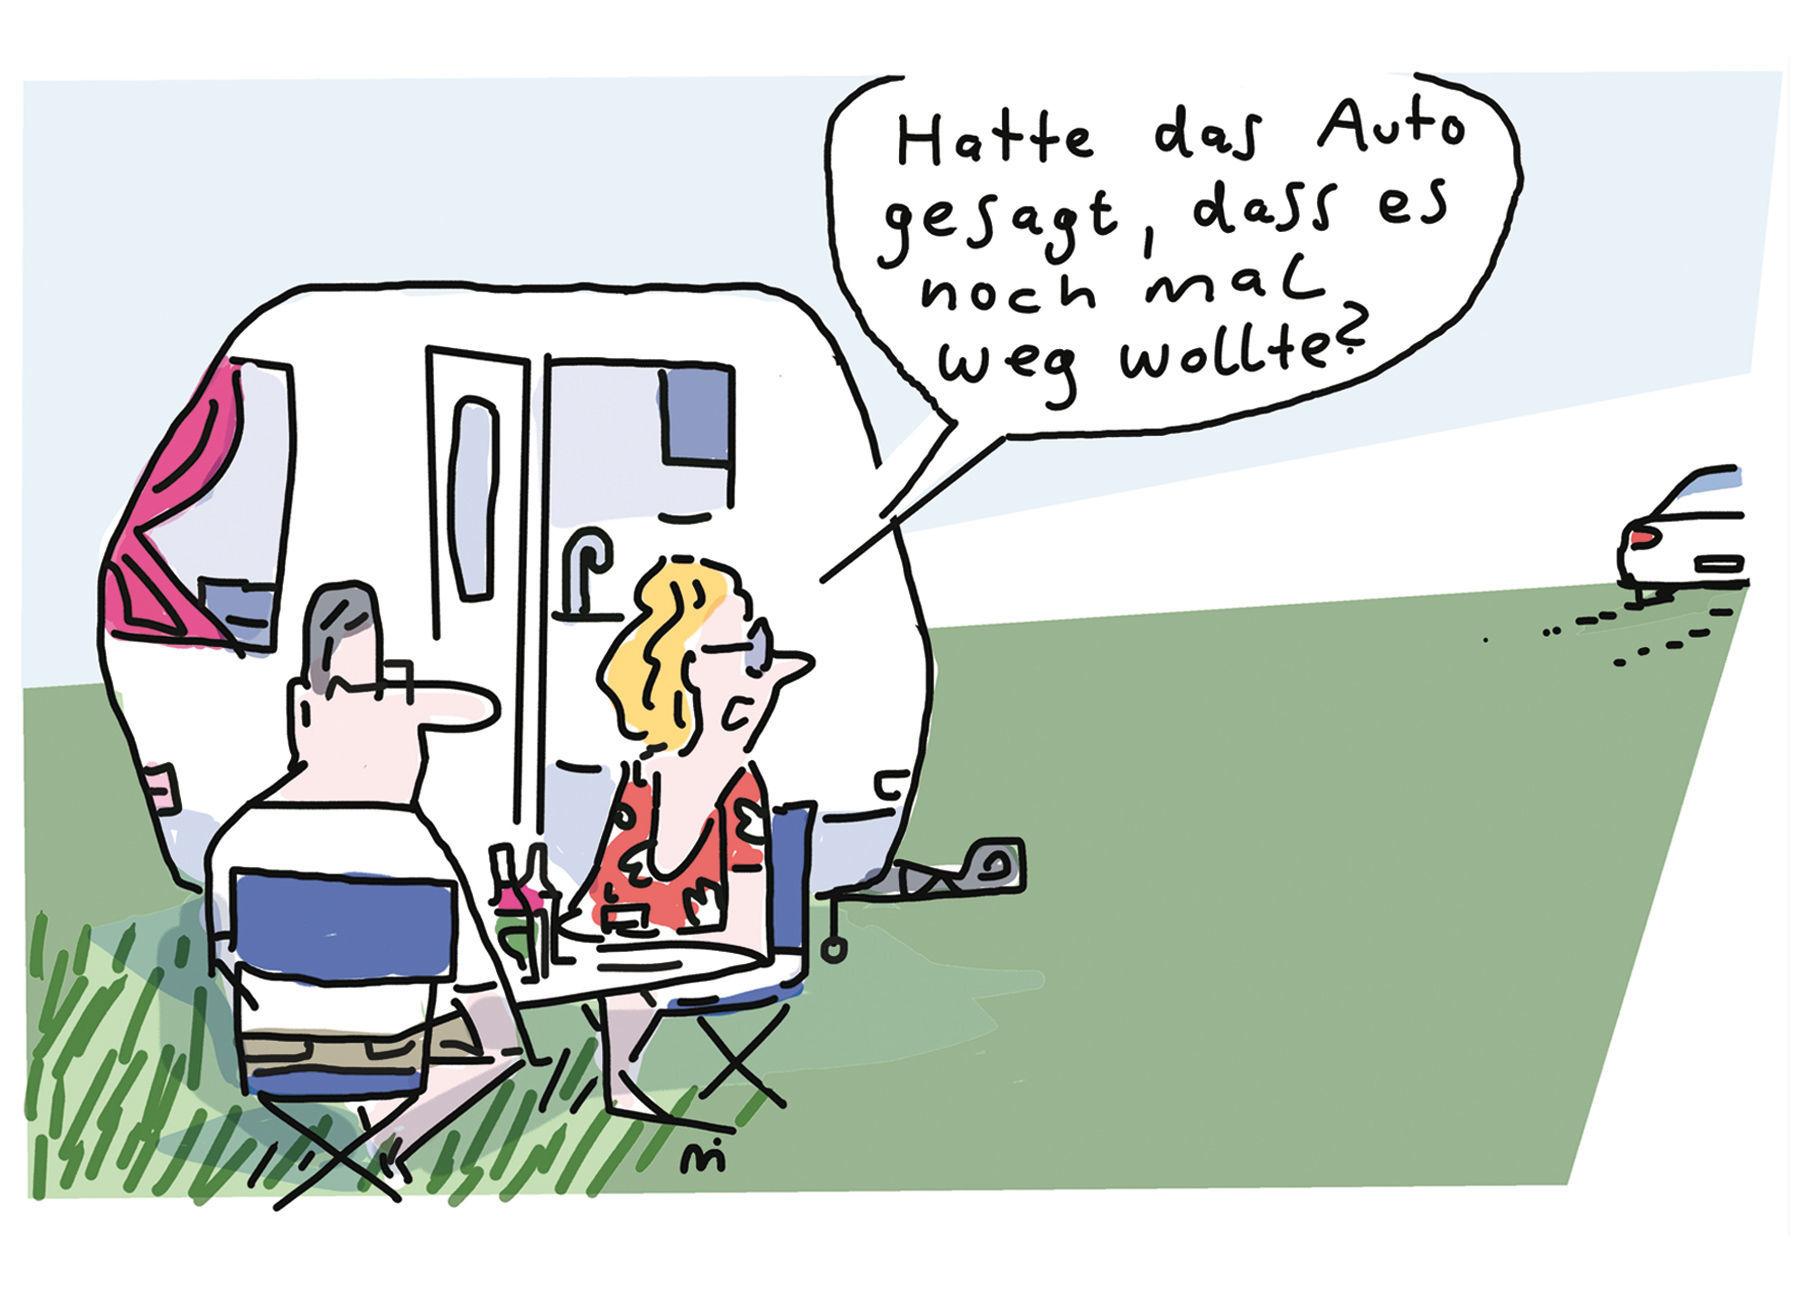 Cartoon von Dirk Meissner, Foto: Dirk Meissner, Lizenz: Dirk Meissner